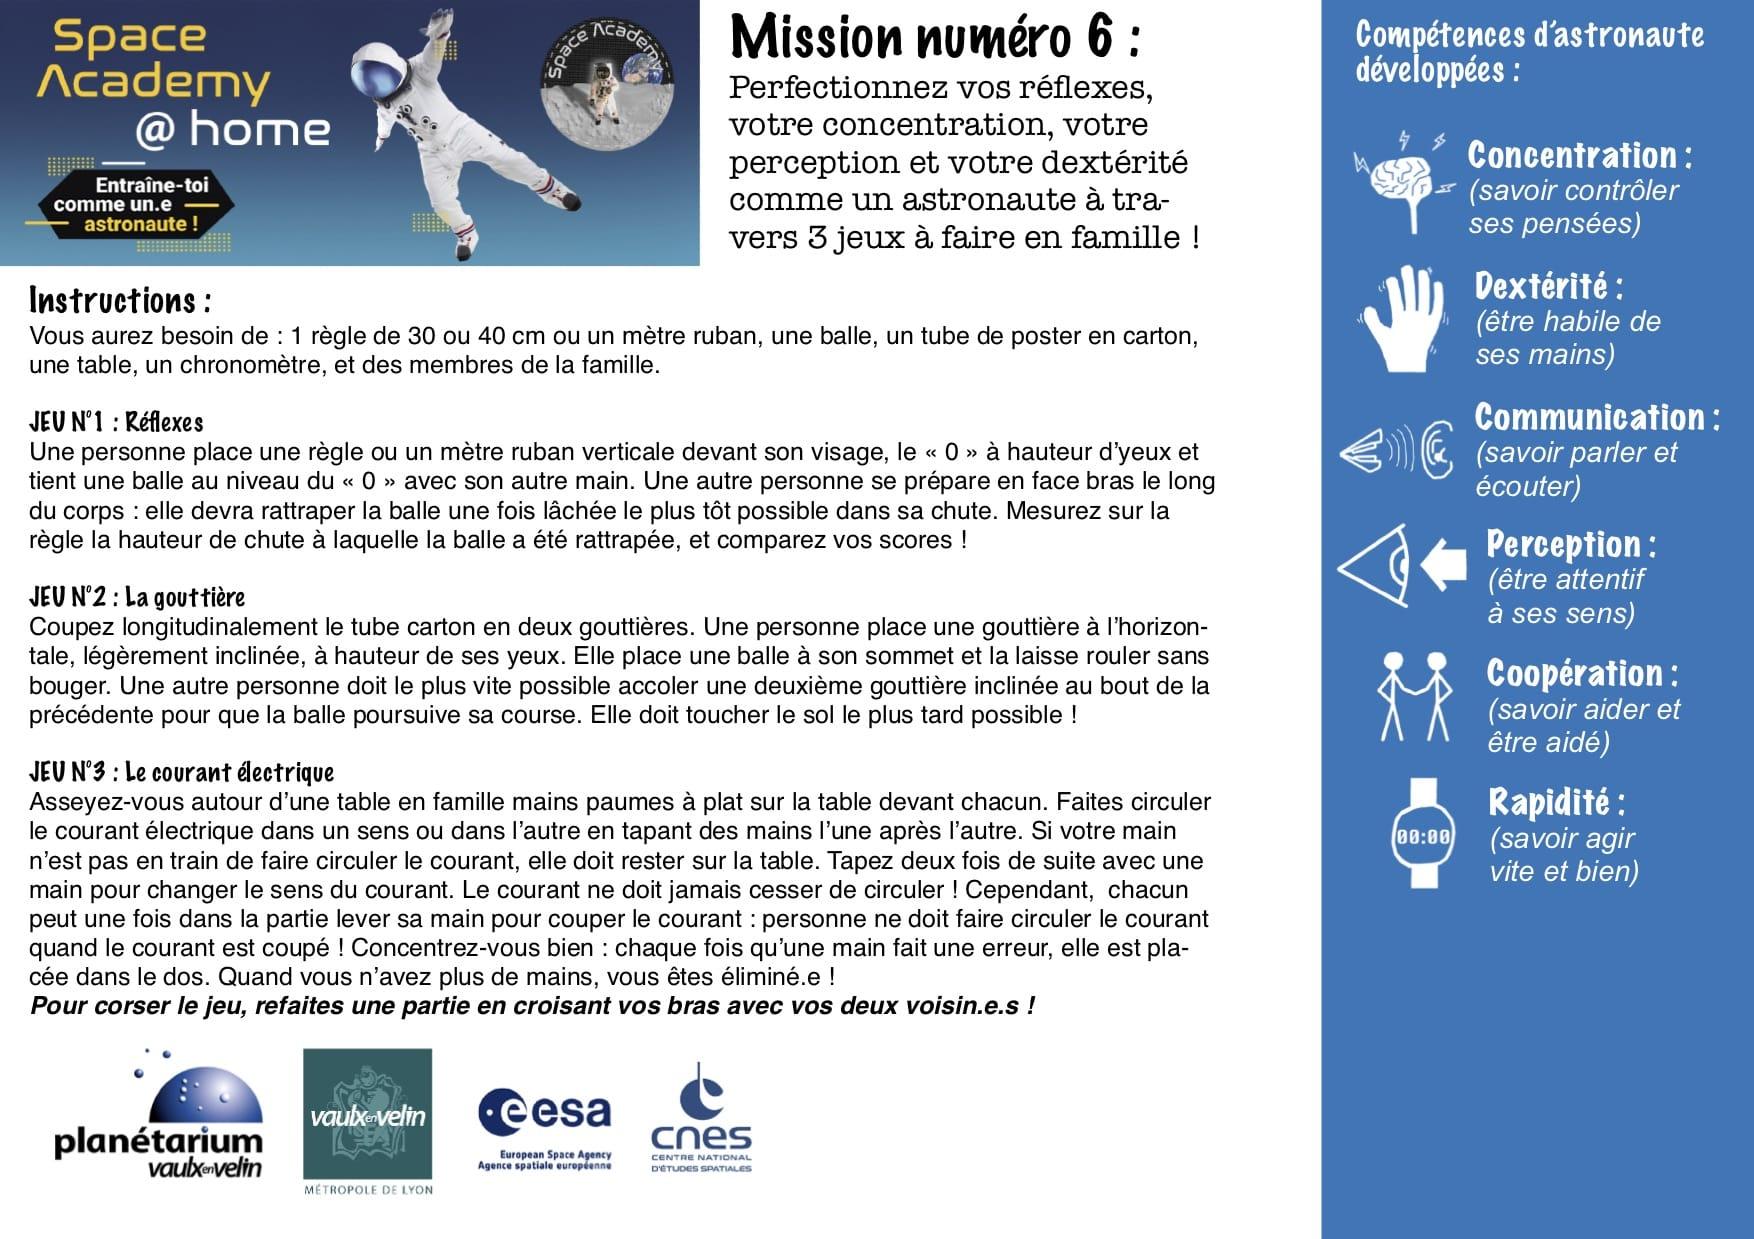 Missions du Planétarium 6 à 10